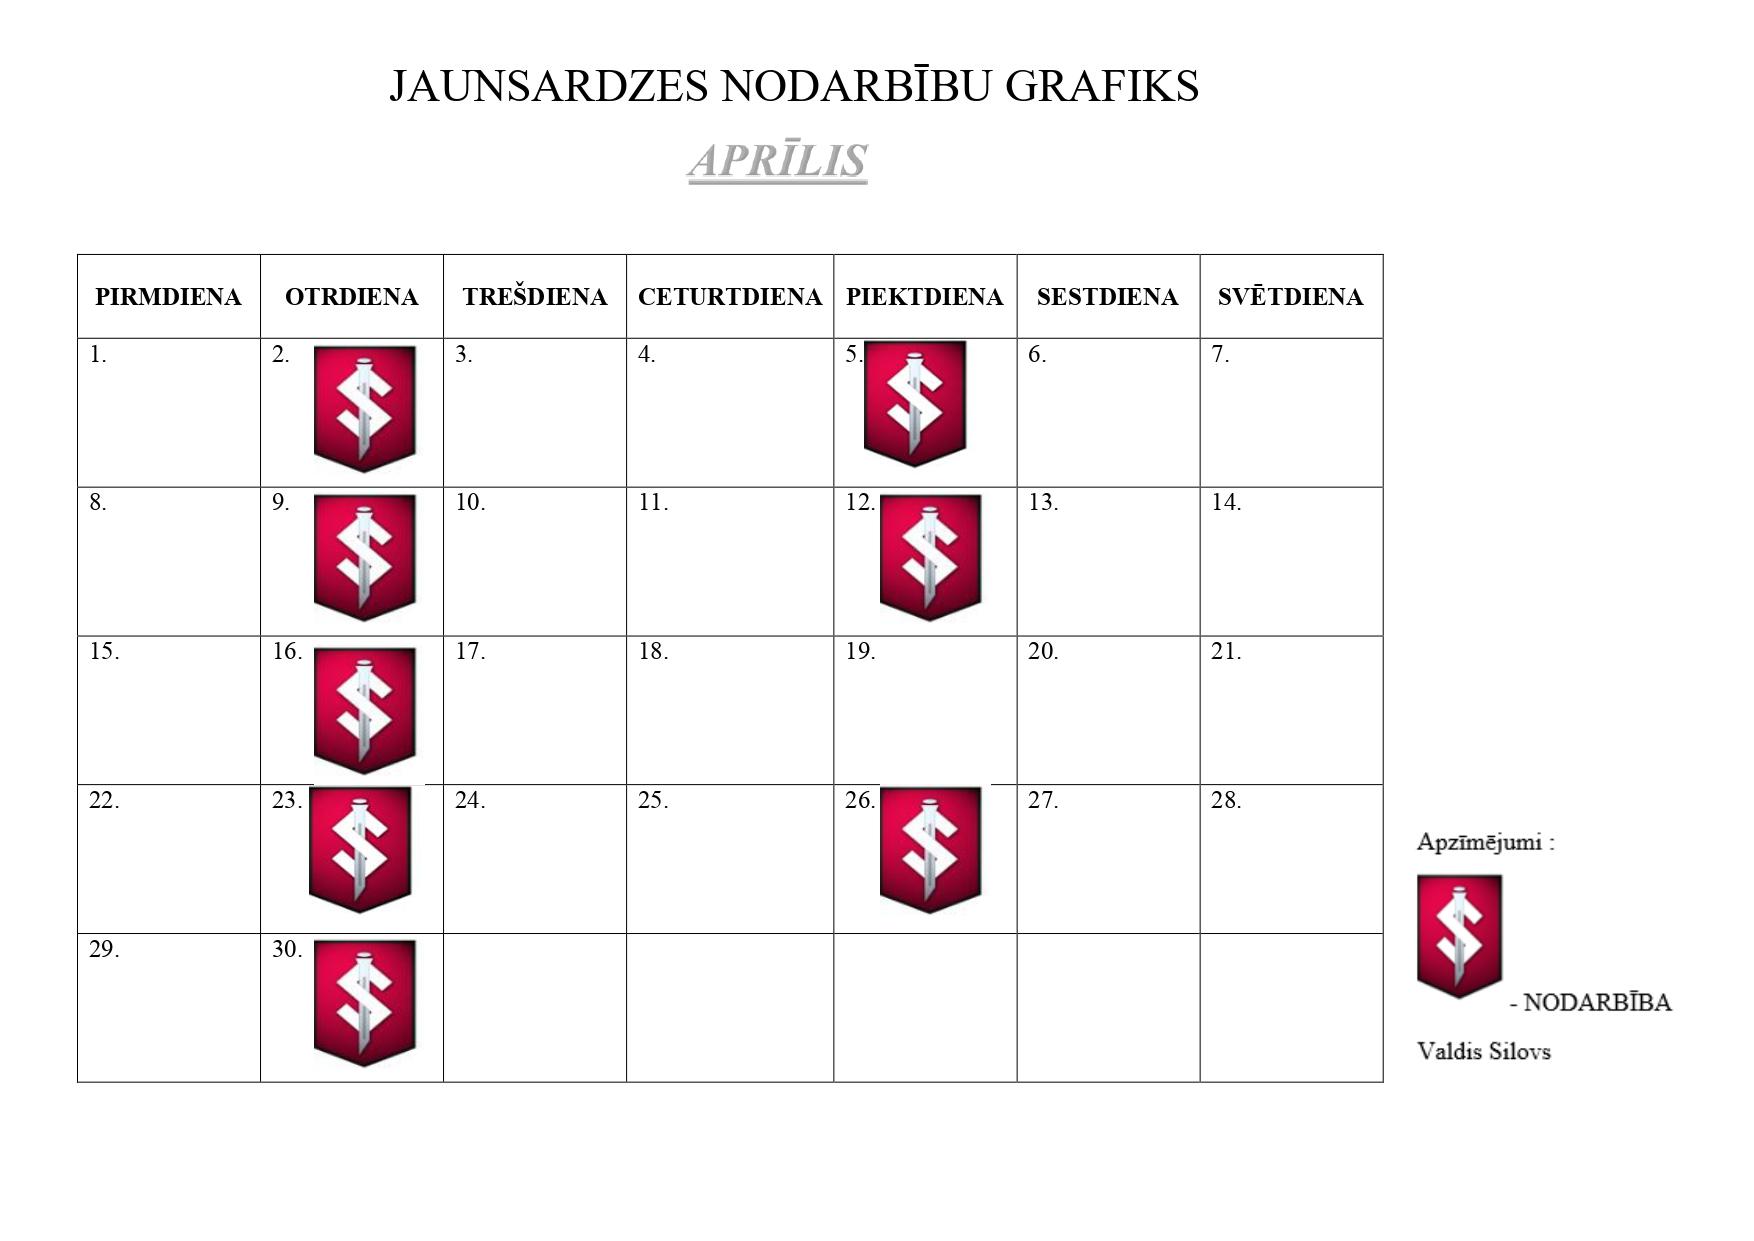 Jaunsardze_plans_aprilis